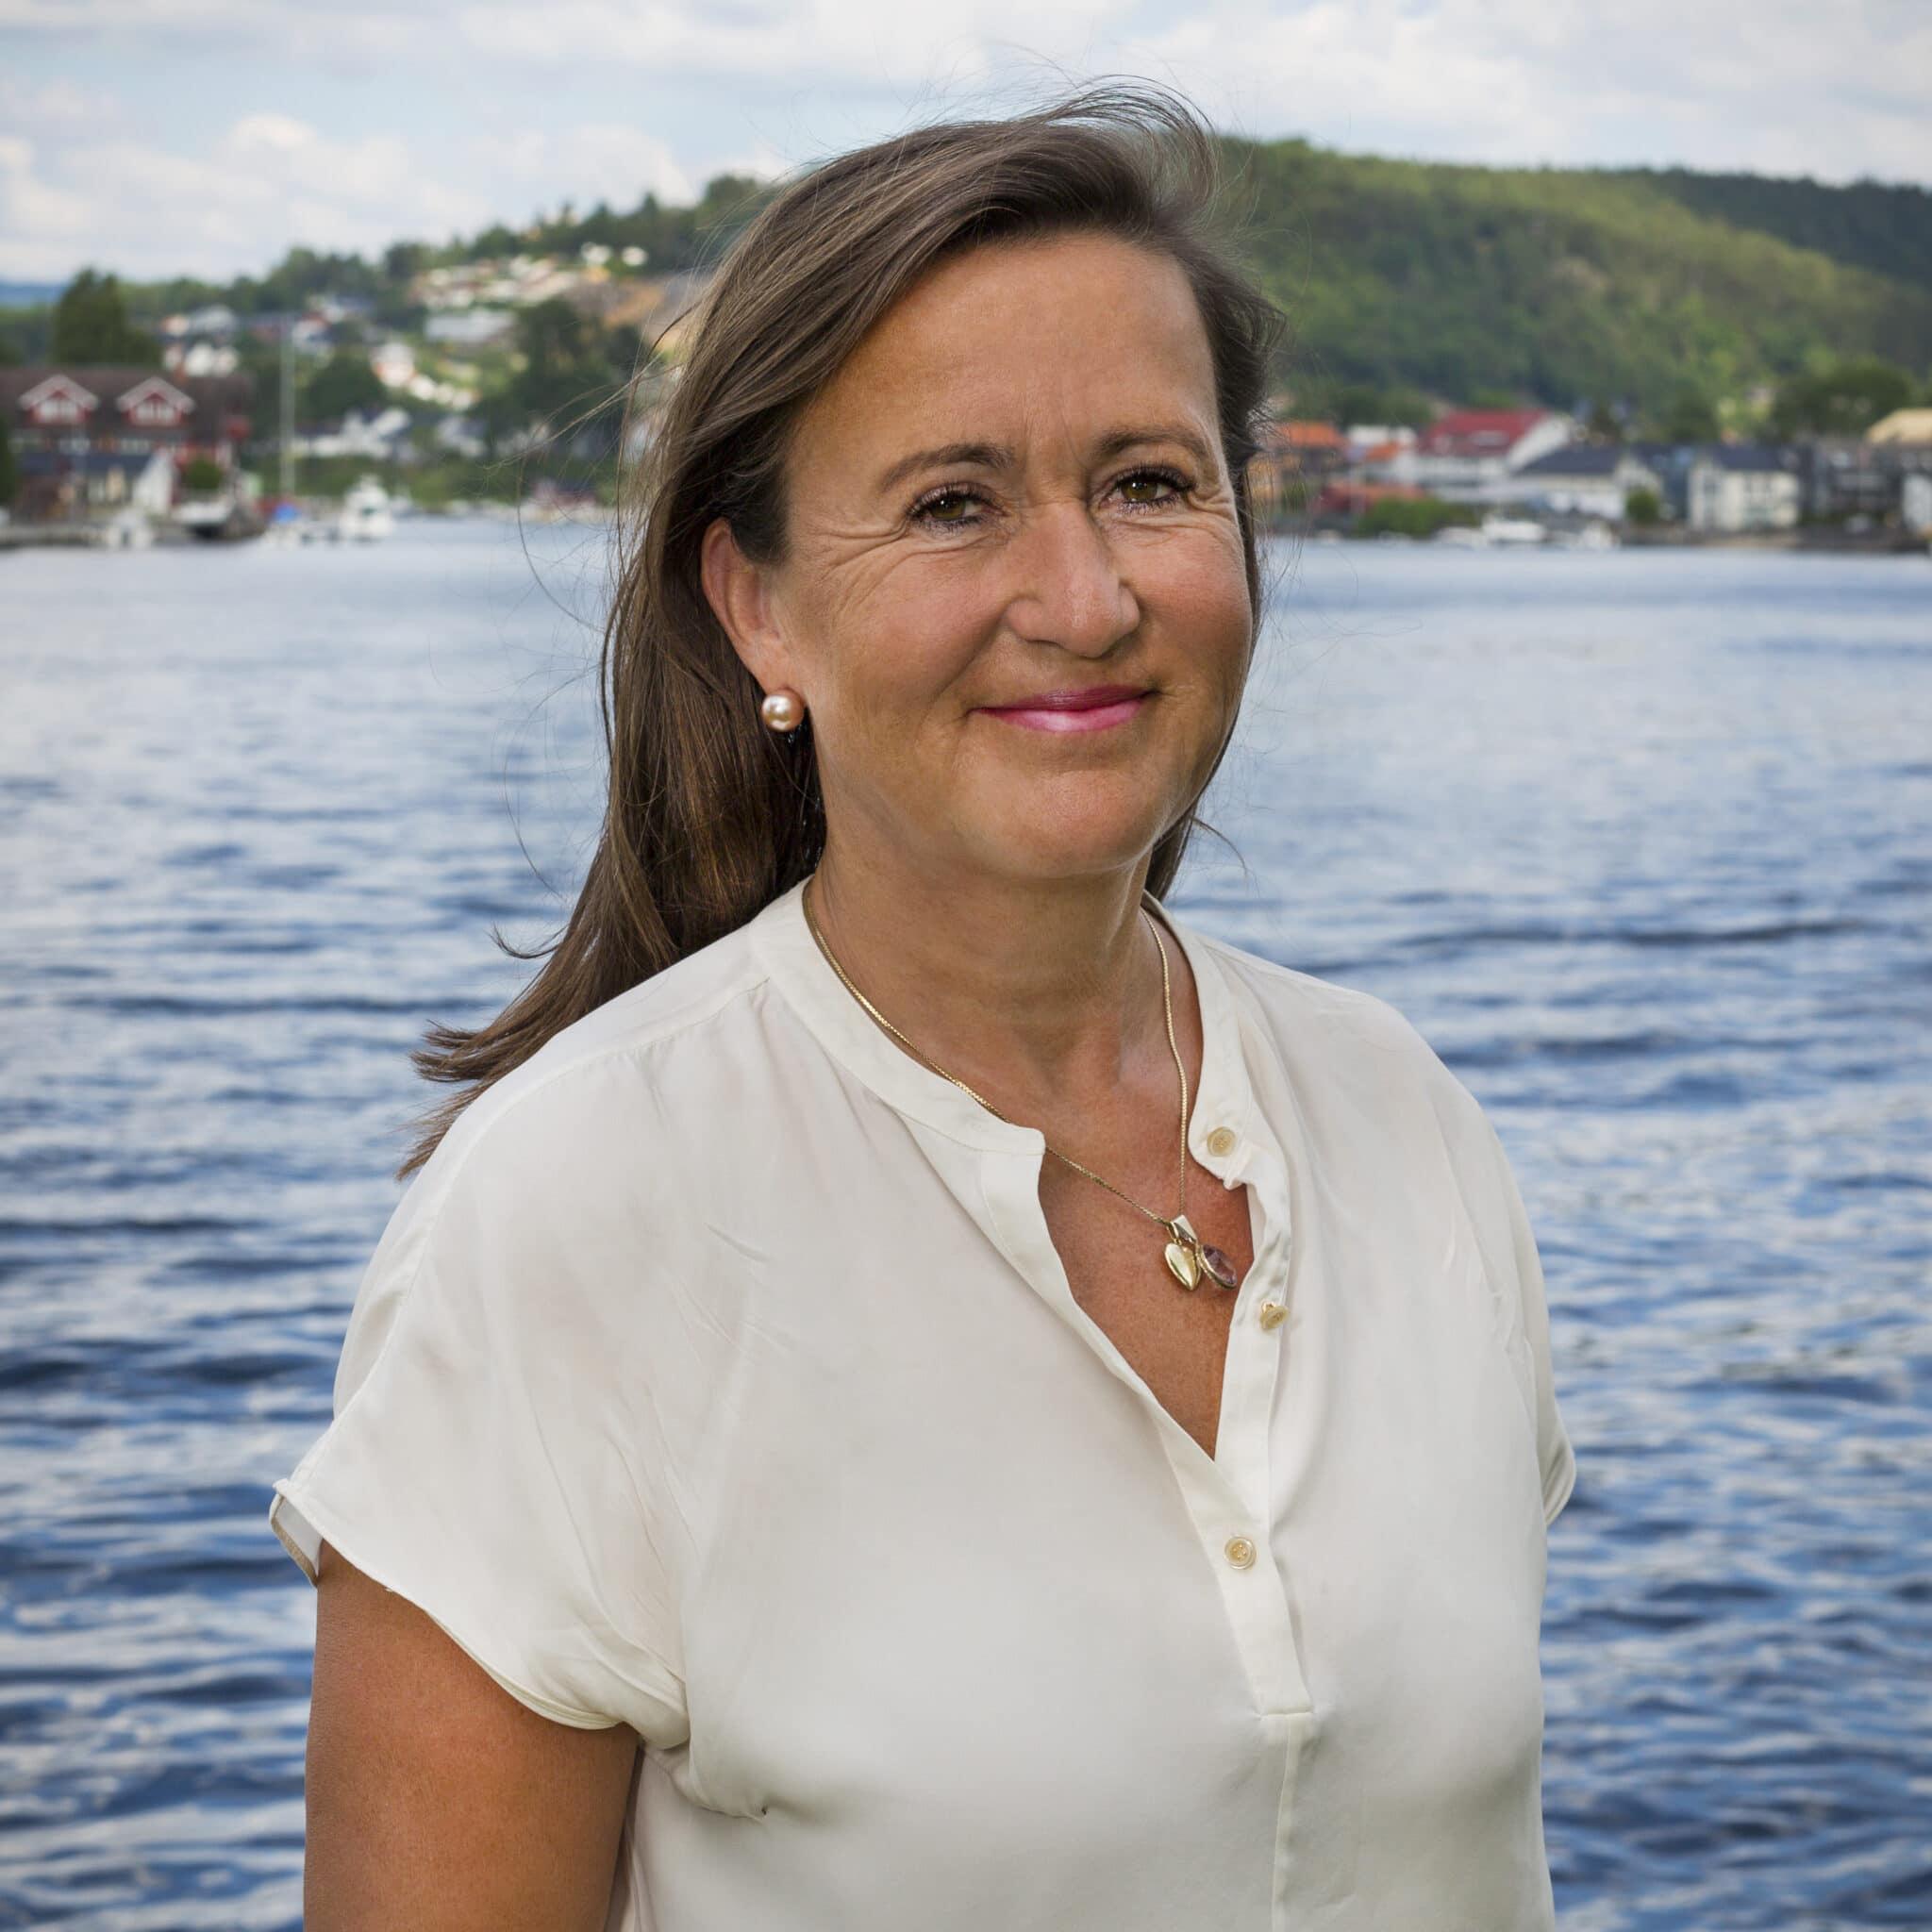 Karianne Schanke